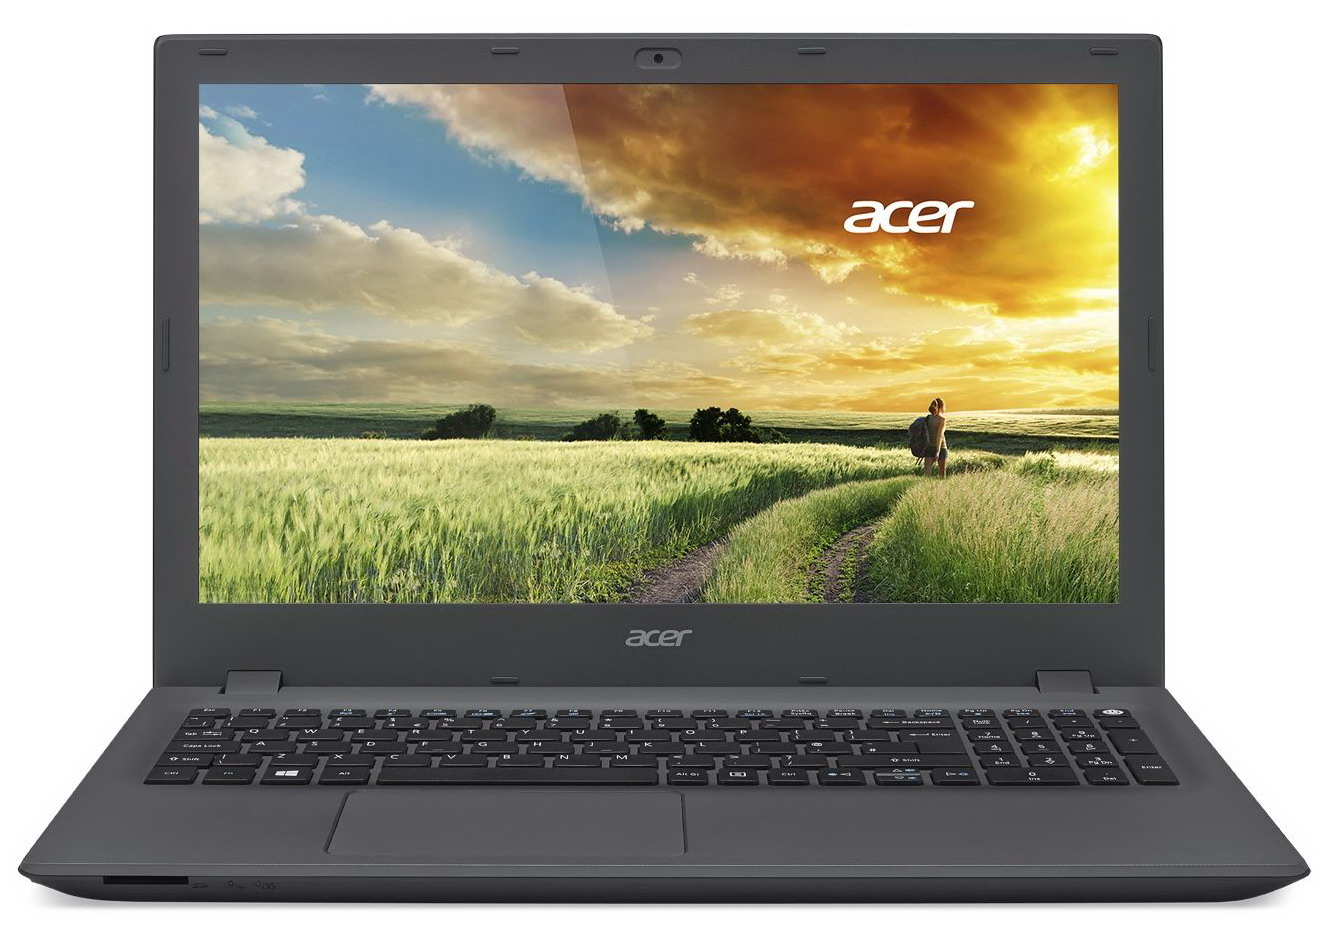 Acer Aspire E5-574G-77YG